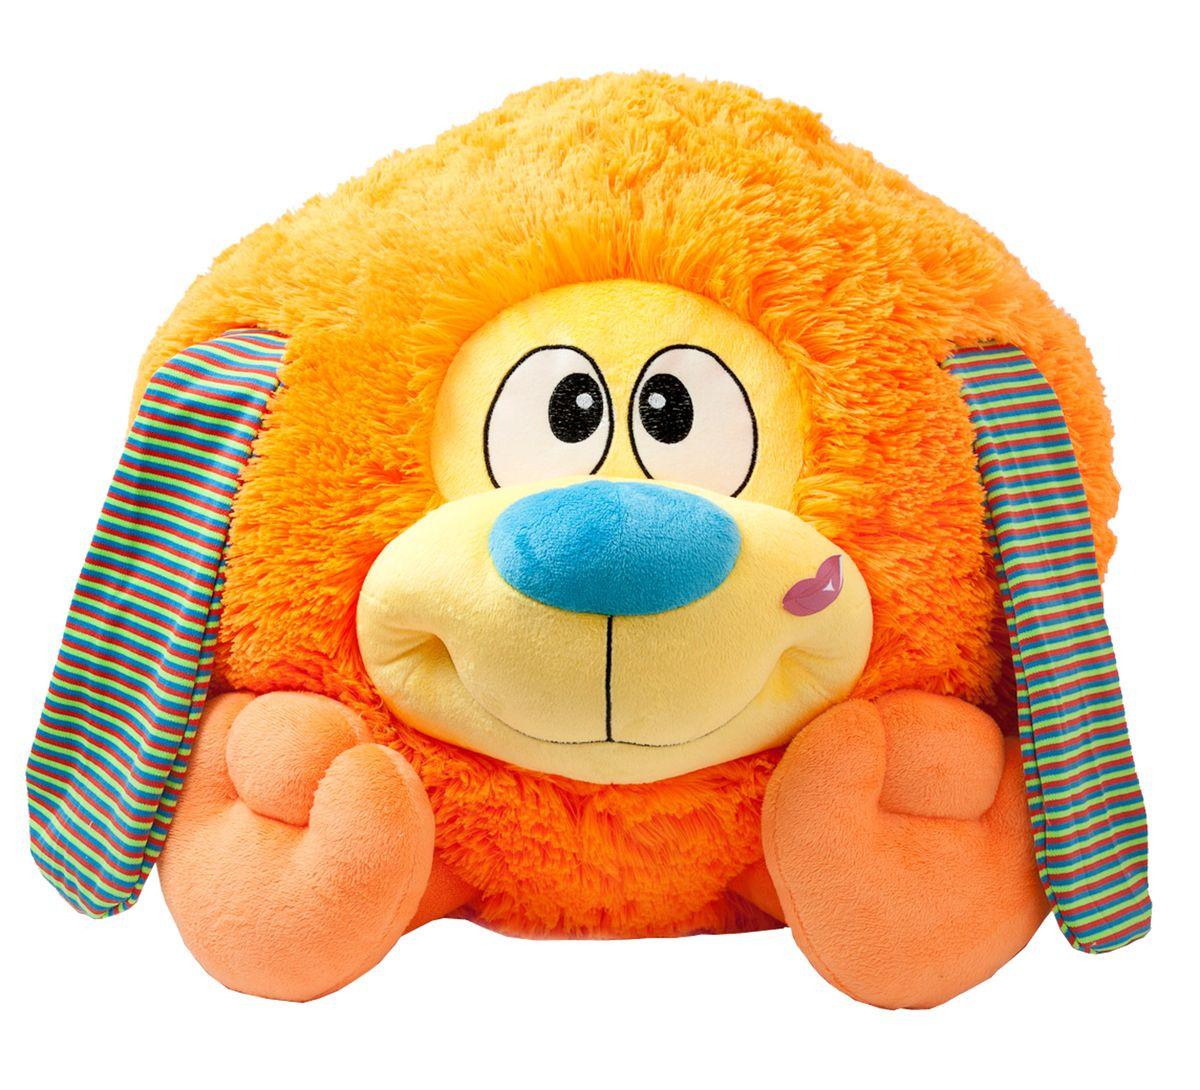 Fancy Мягкая игрушка Собачка Круглик 42 смKGB1Очаровательная мягкая игрушка Fancy Собачка Круглик, выполненная в виде жизнерадостного песика, по форме напоминающего колобка, вызовет умиление и улыбку у каждого, кто ее увидит. Удивительно мягкая игрушка принесет радость и подарит своему обладателю мгновения нежных объятий и приятных воспоминаний. Великолепное качество исполнения делает эту игрушку чудесным подарком к любому празднику. Игрушки серии «Круглики» - станут прекрасным подарком не только подросткам, но и самым маленьким. С ними можно не только играть, но и использовать как пуф.